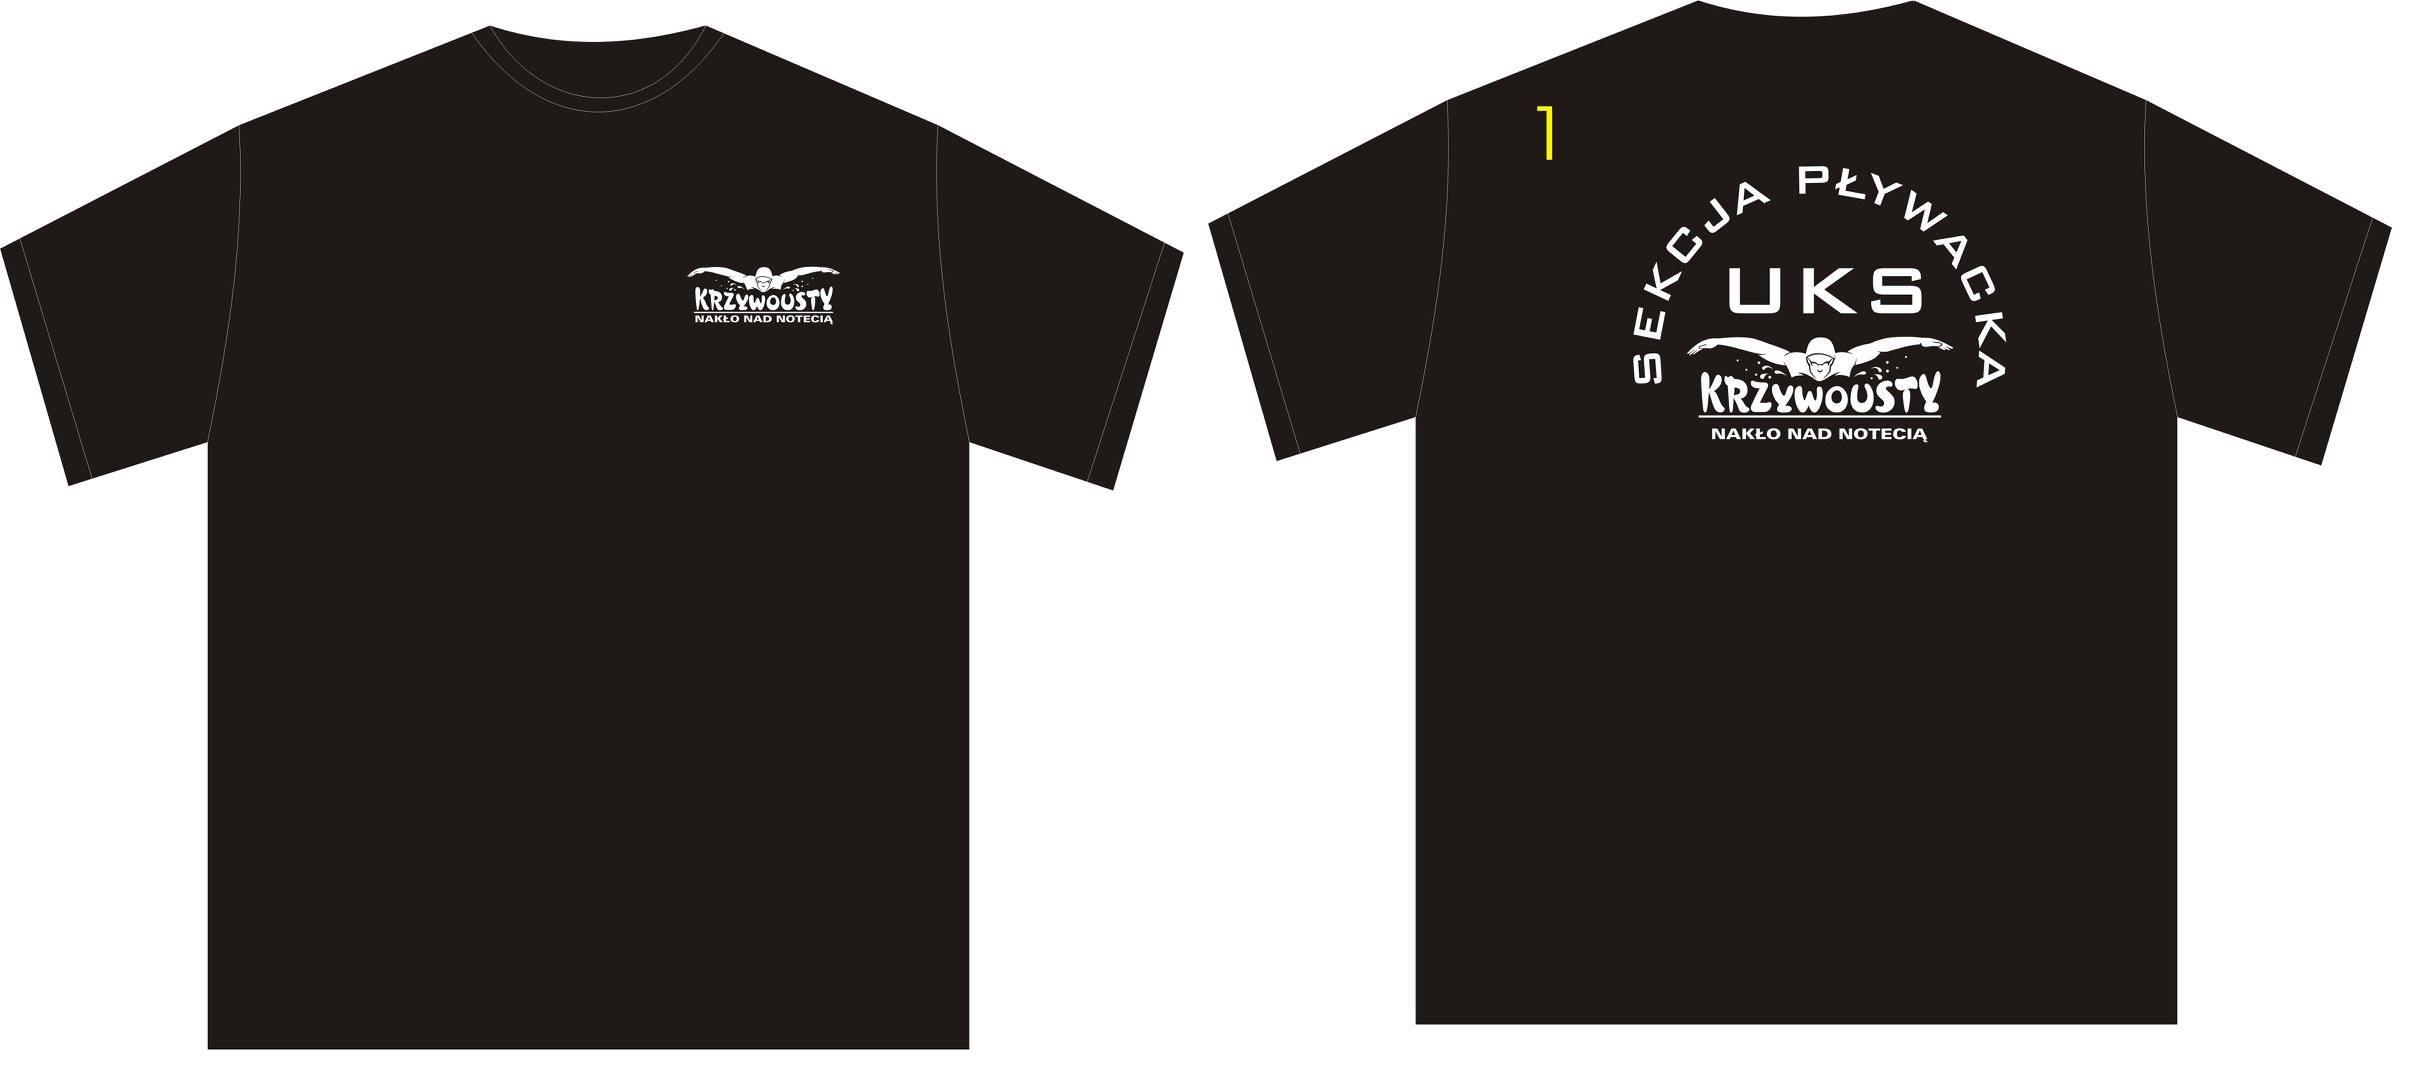 koszulka-zawodnicy